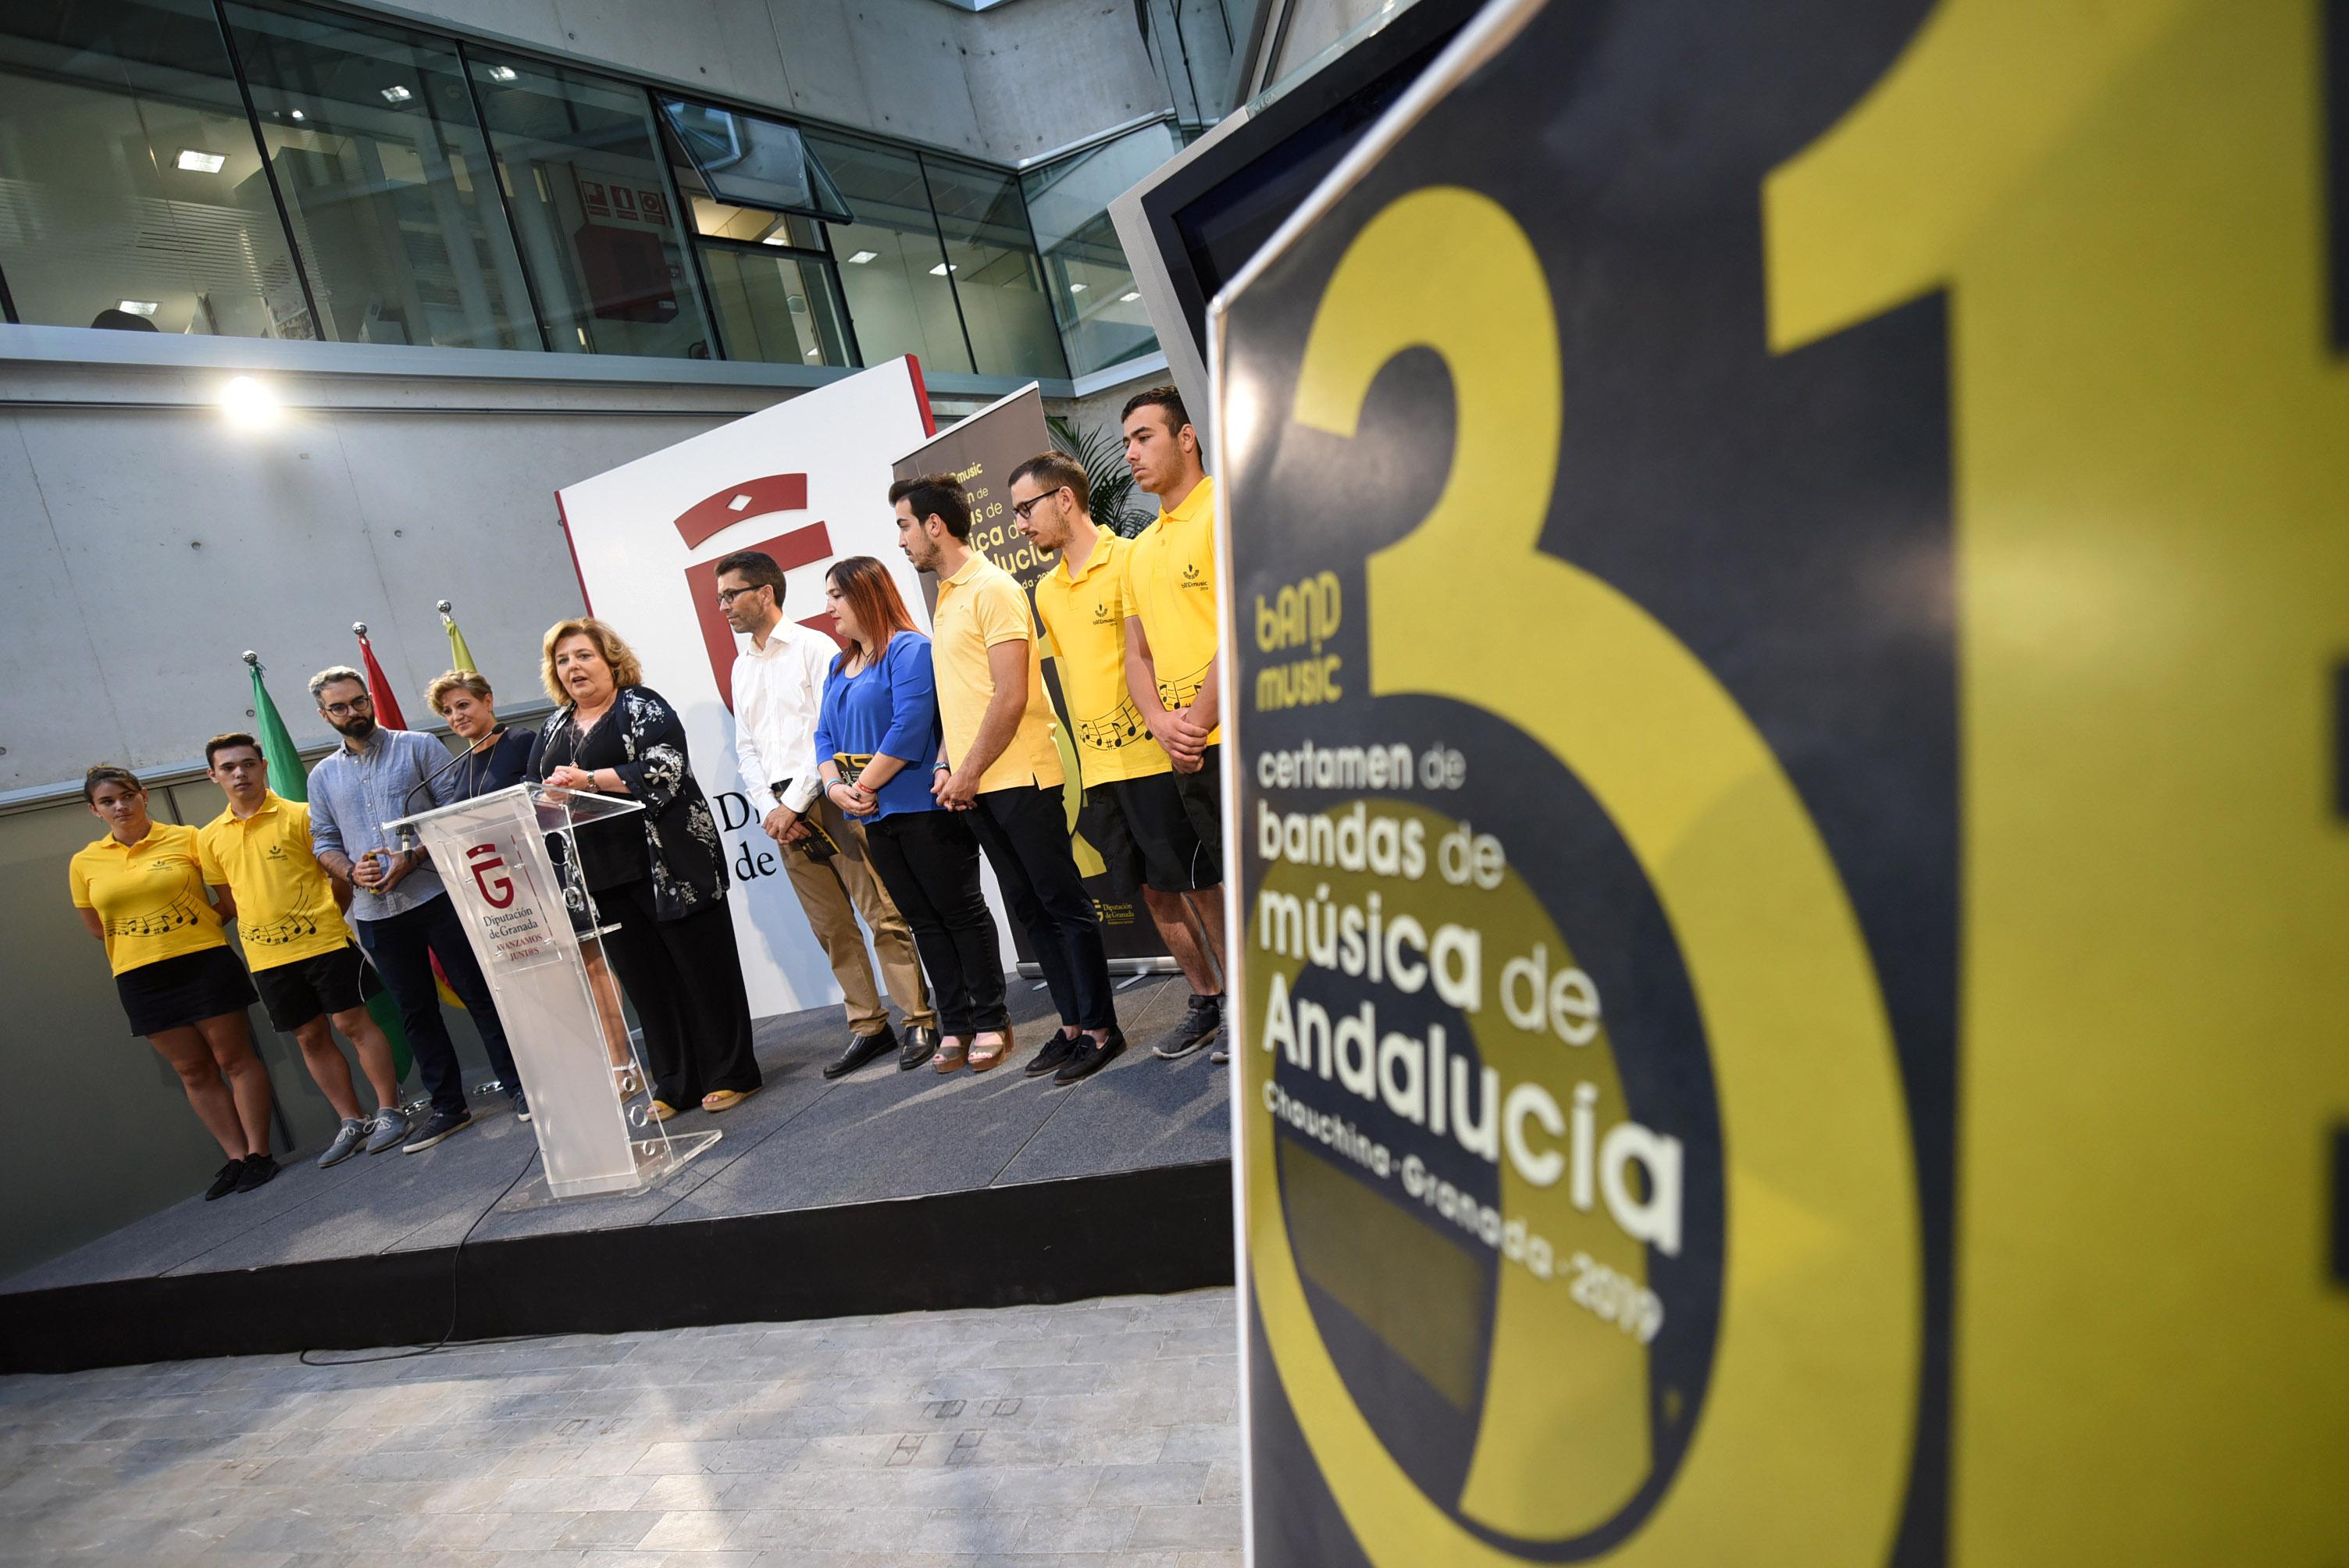 Más de 400 músicos participan en el 31 Certamen de Bandas de Chauchina